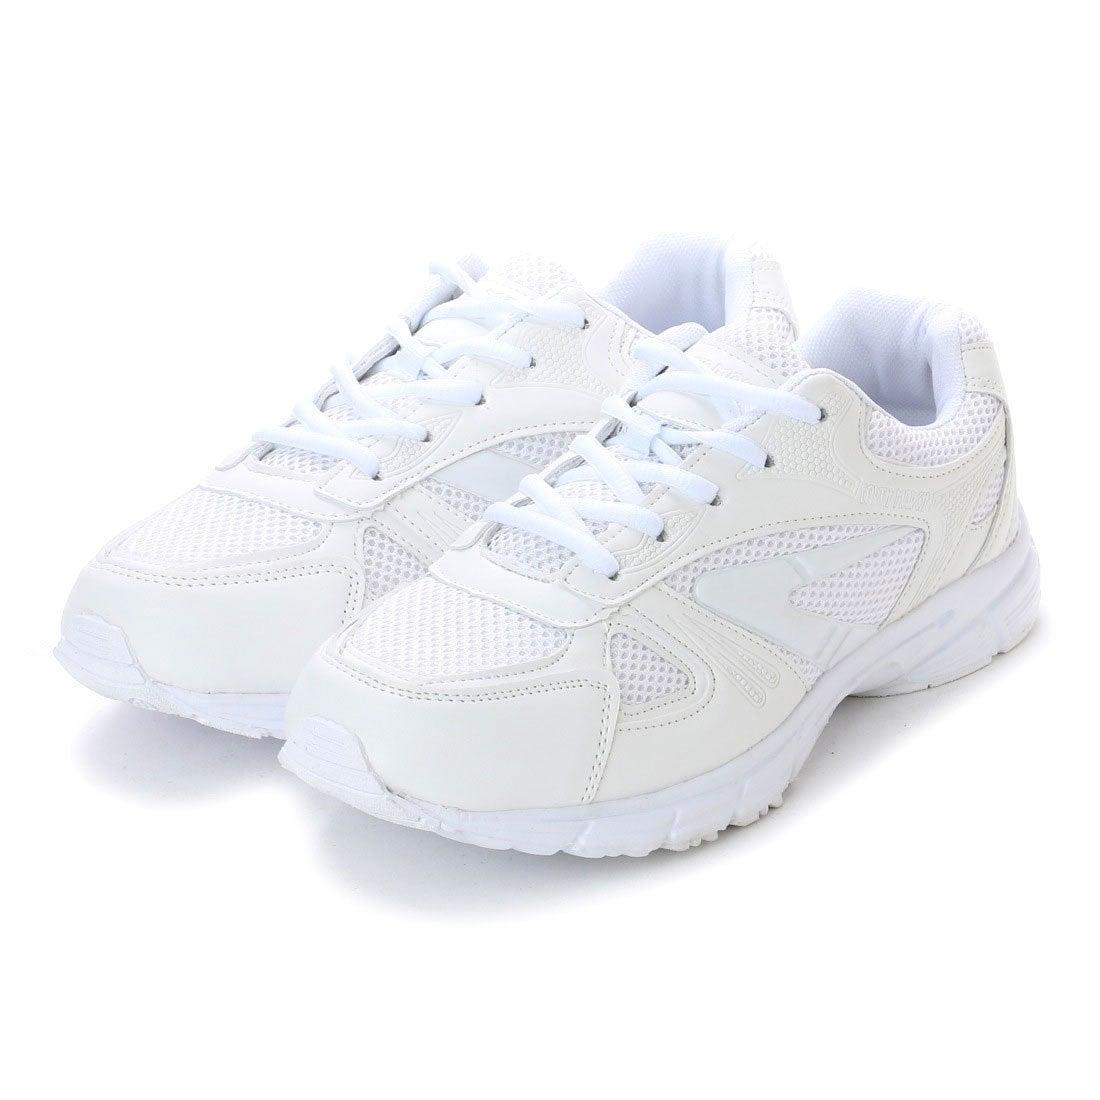 アースマーチ EARTH MARCH シンプルスニーカー 白い運動靴 メッシュ ...